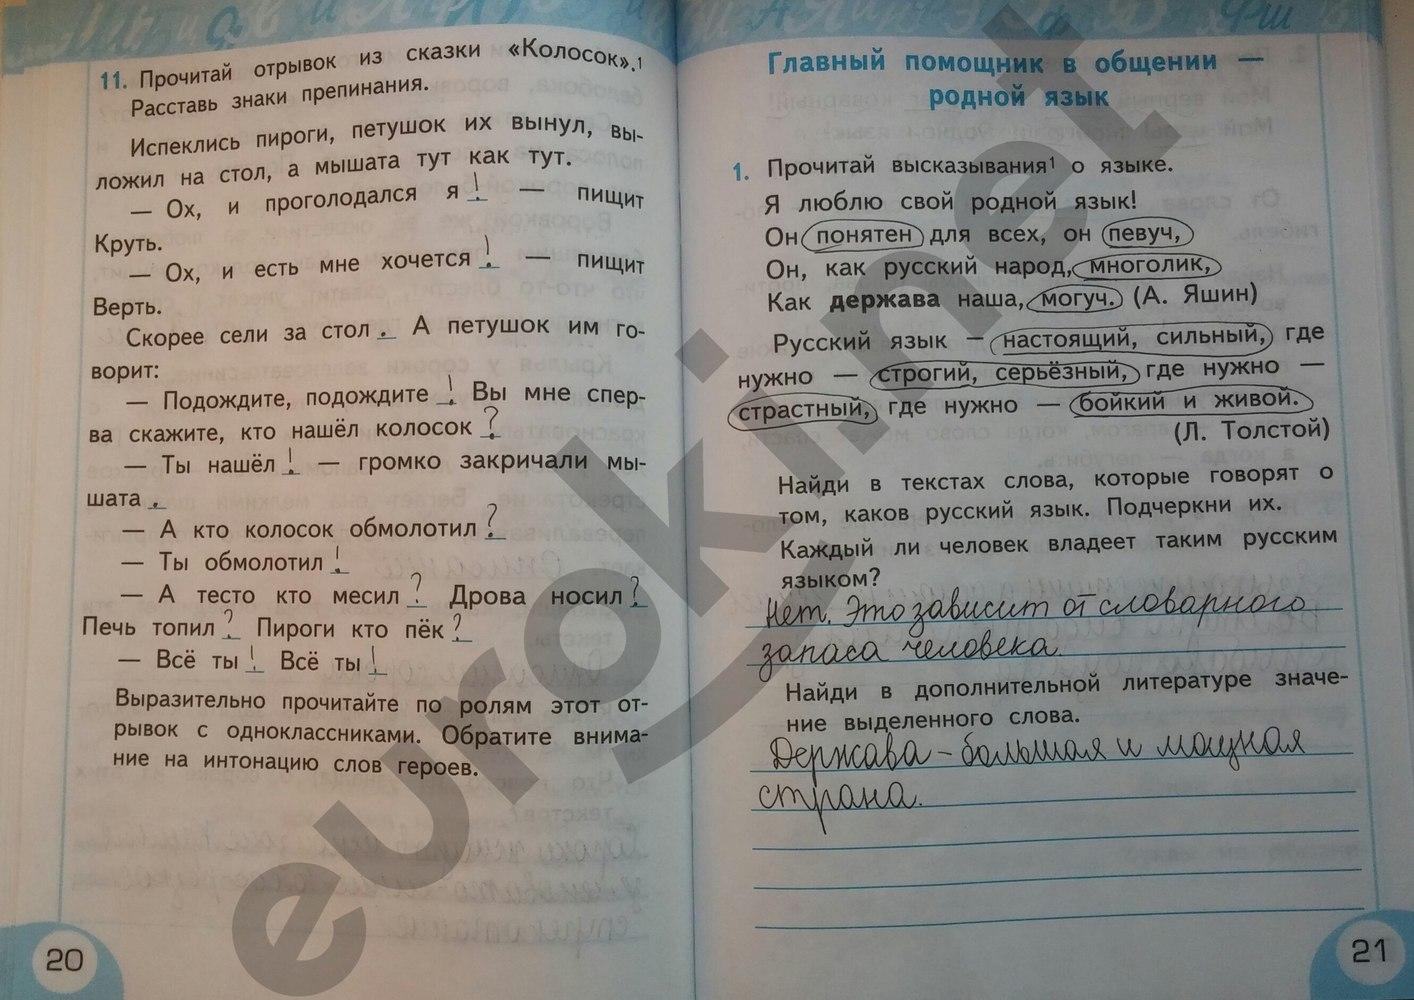 решебник рабочей тетради по русскому языку 3 класс тихомирова